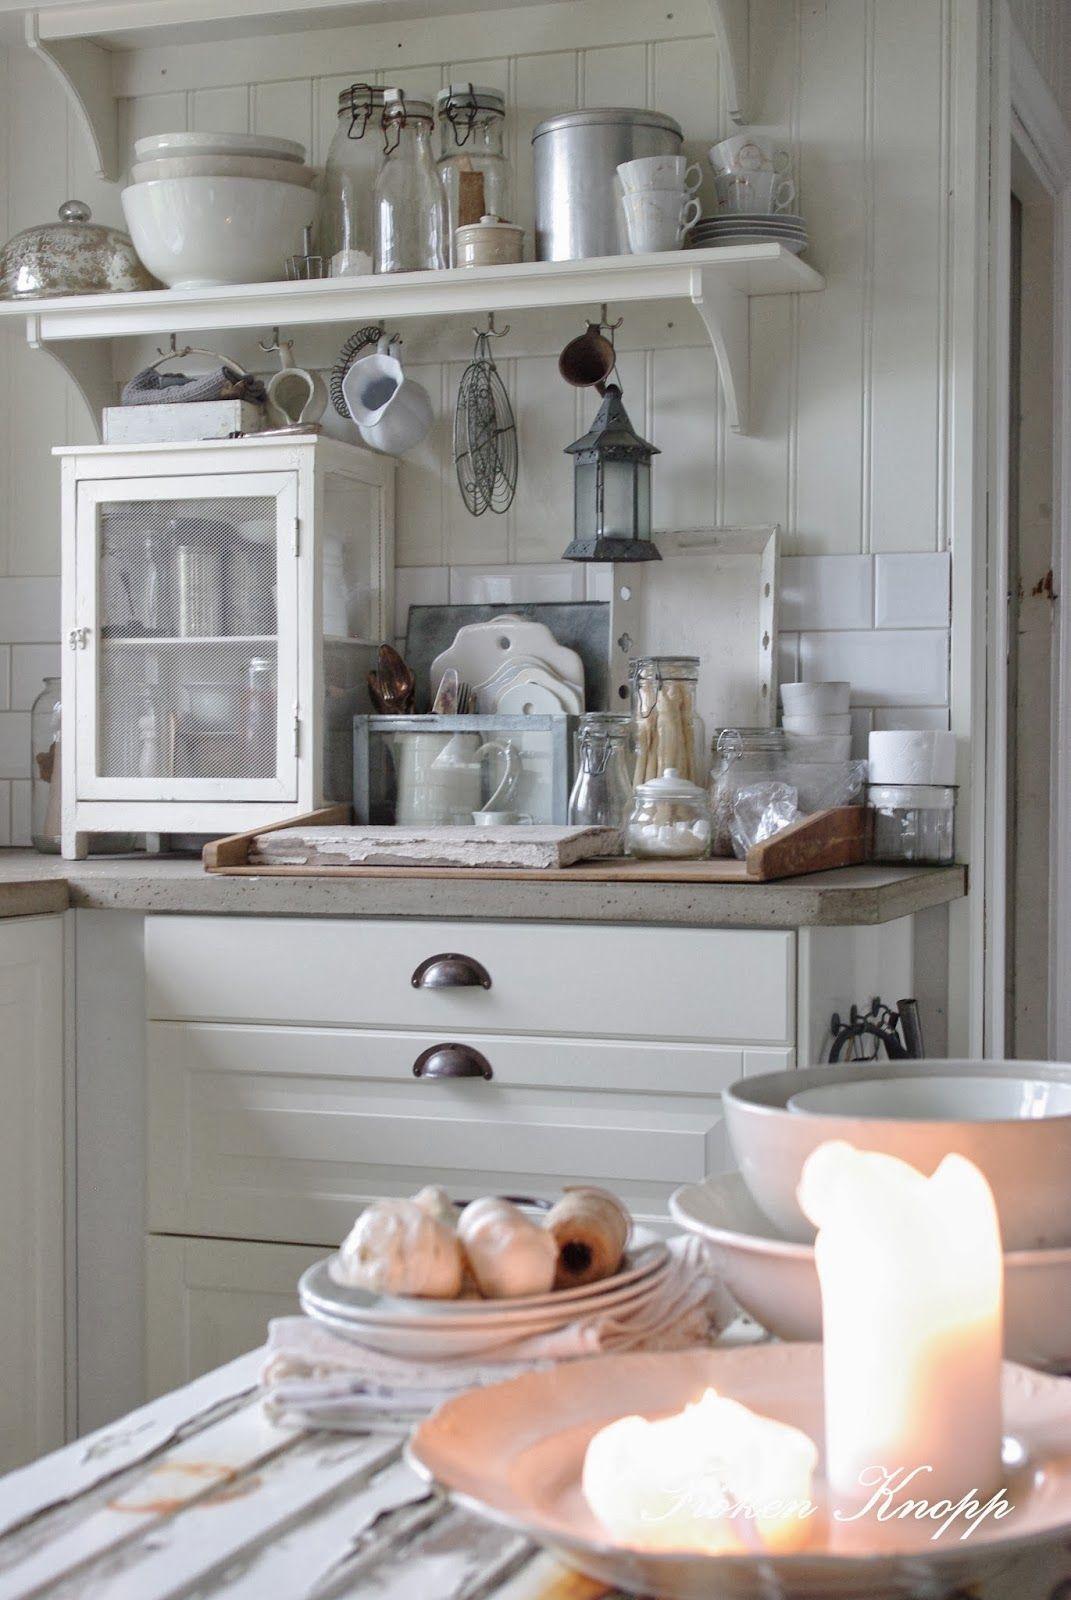 fr ken knopp lite f r ndring kitchen. Black Bedroom Furniture Sets. Home Design Ideas